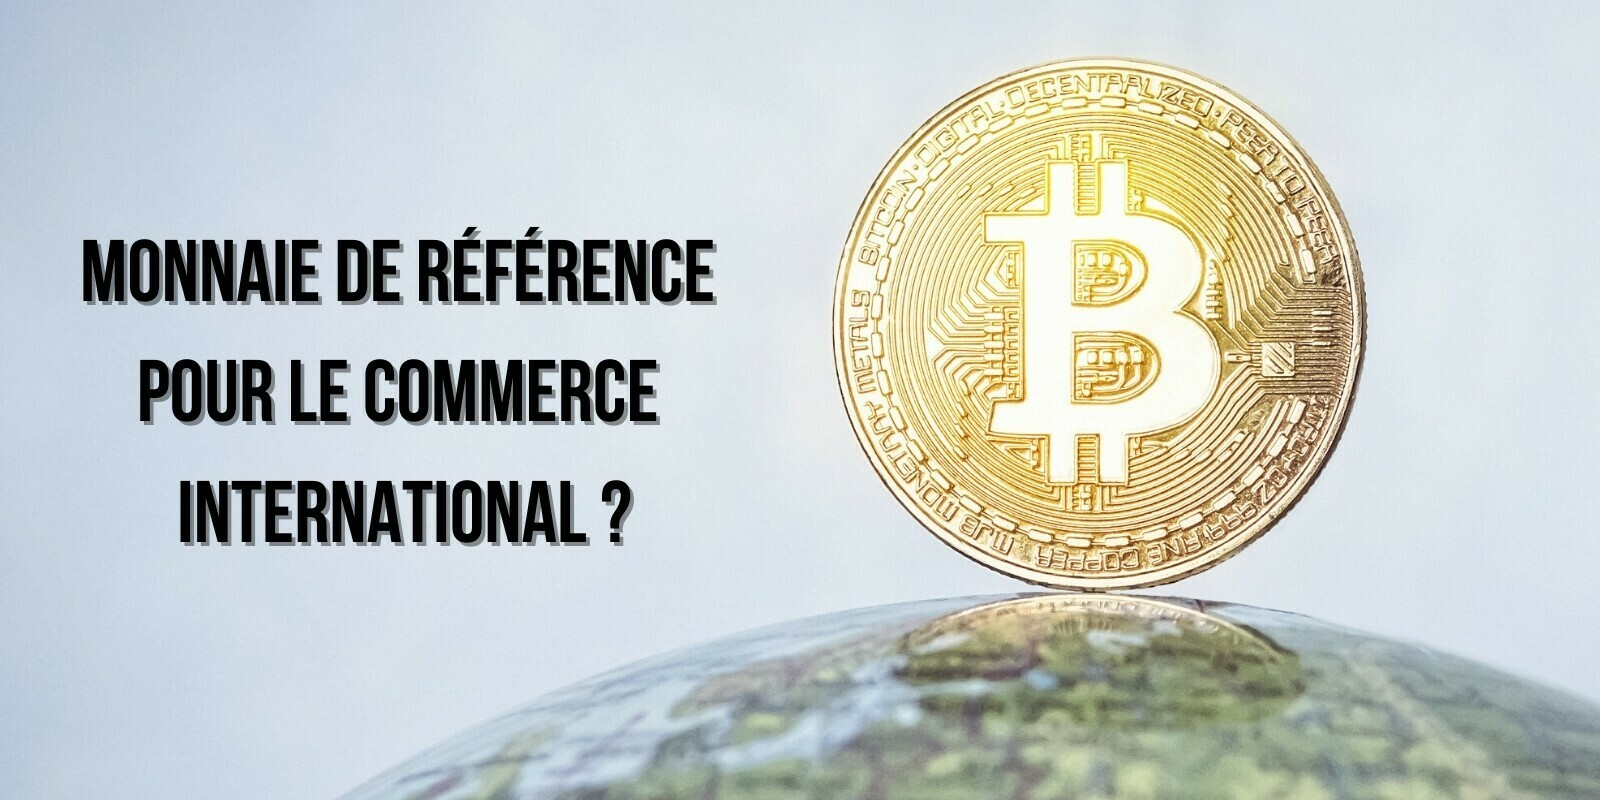 Le bitcoin pourrait devenir « la monnaie de choix pour le commerce international », selon Citi